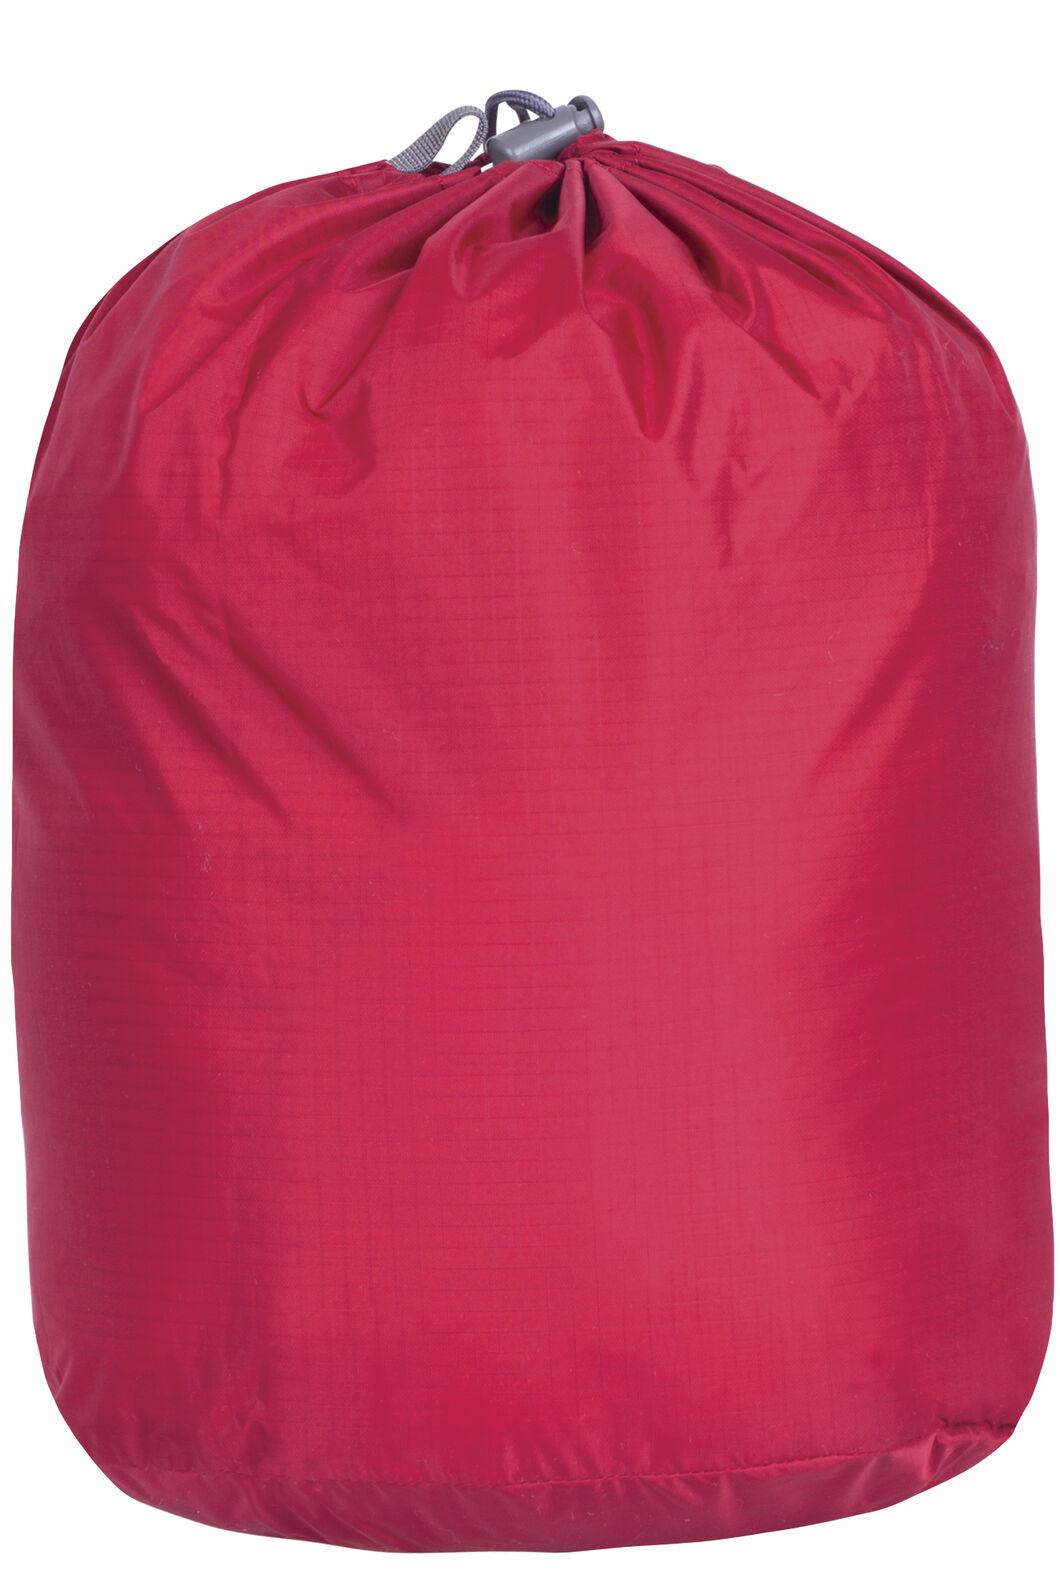 Macpac Large Stuff Sack, Scarlet Sage, hi-res